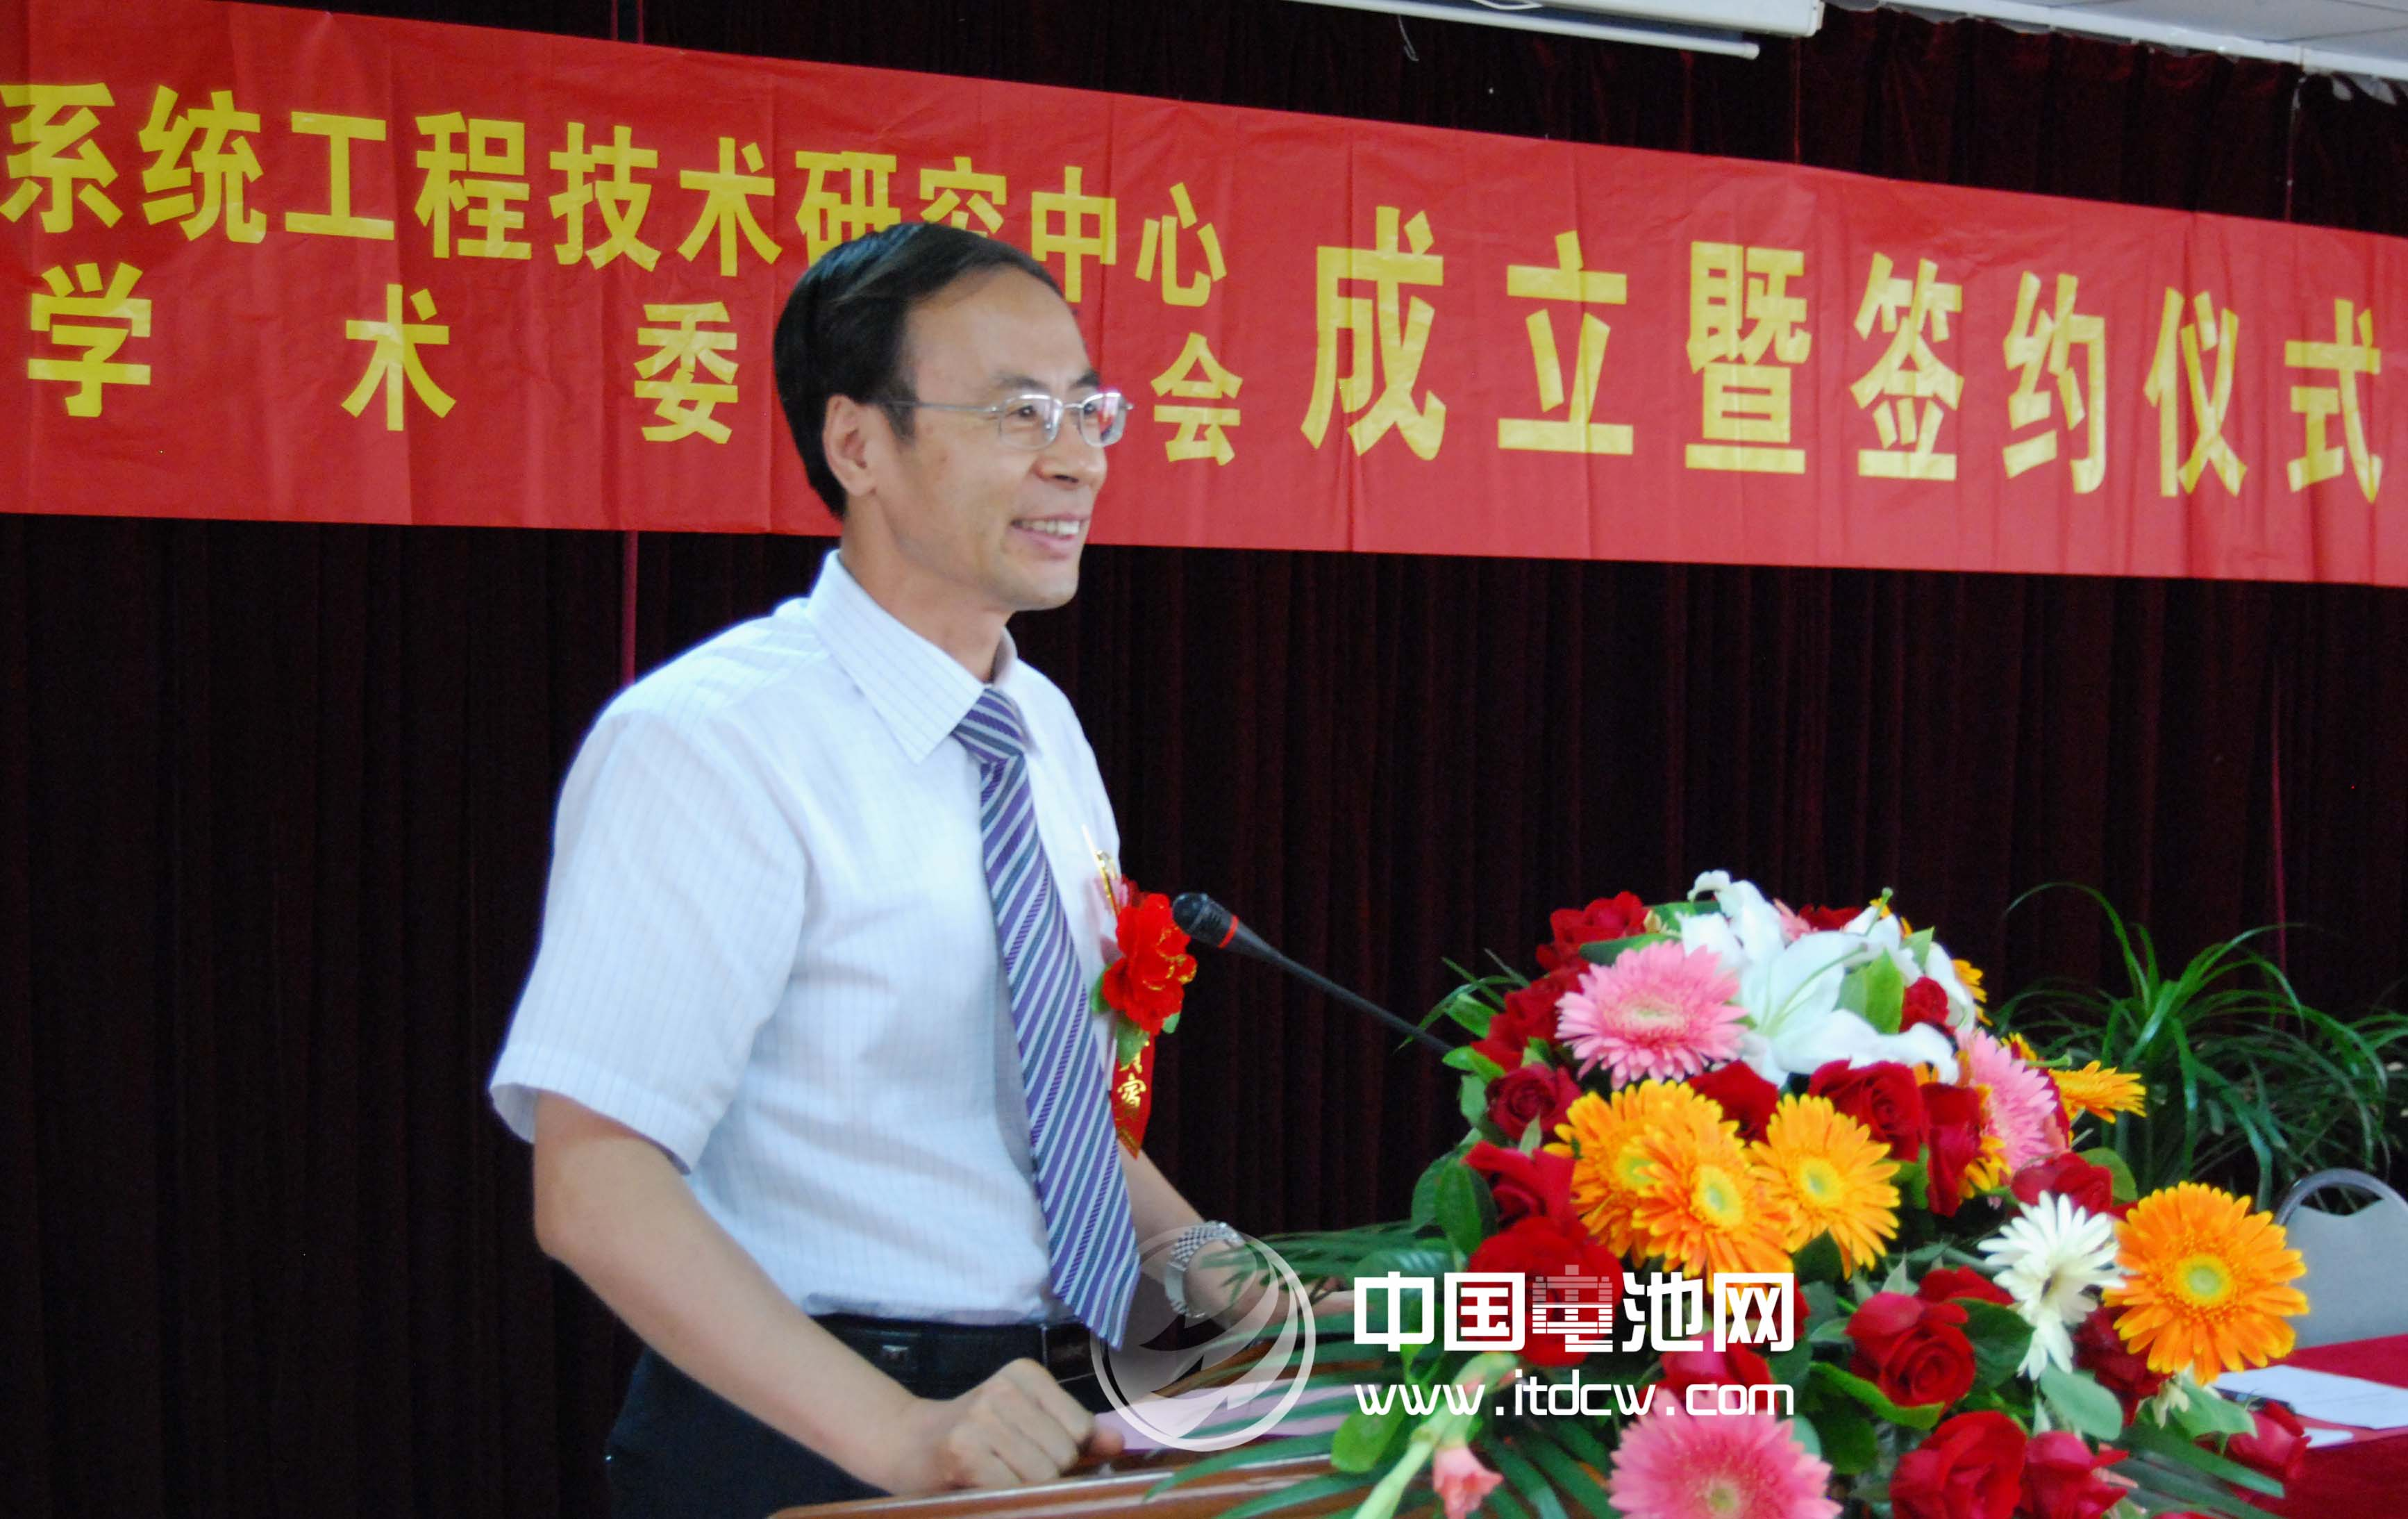 中国科学院化学研究所所长